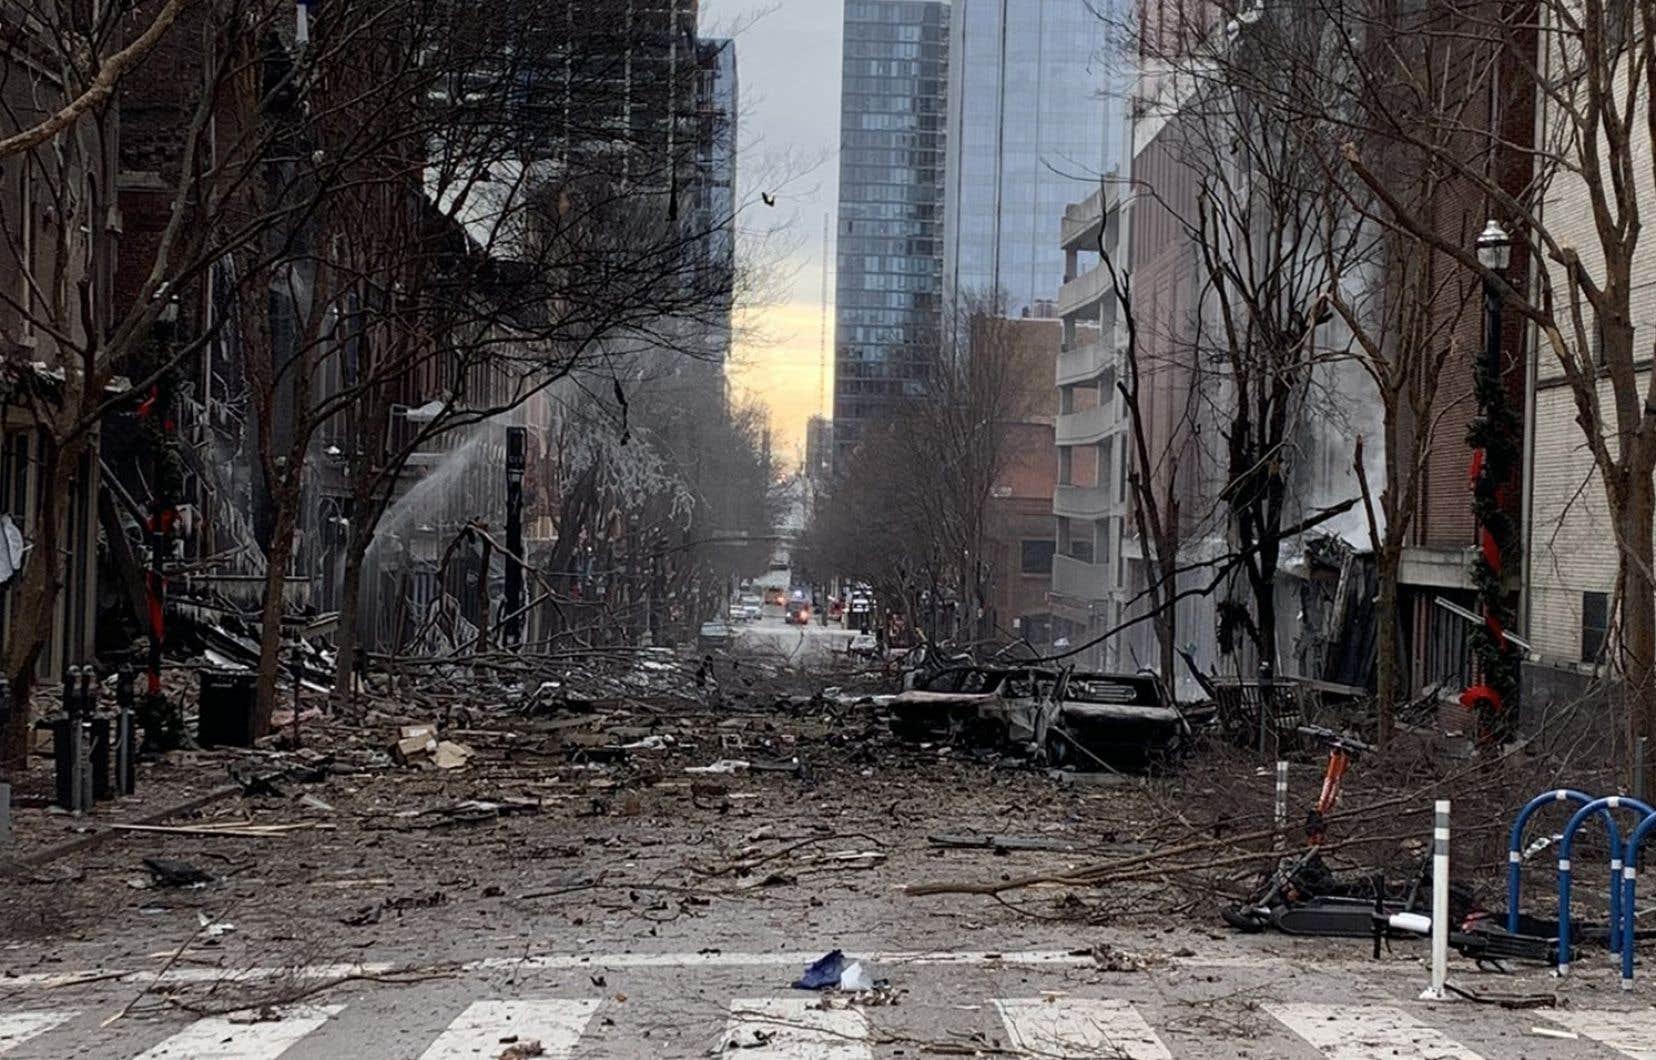 La déflagration, dans un quartier commerçant, a été ressentie à plusieurs kilomètres à la ronde.